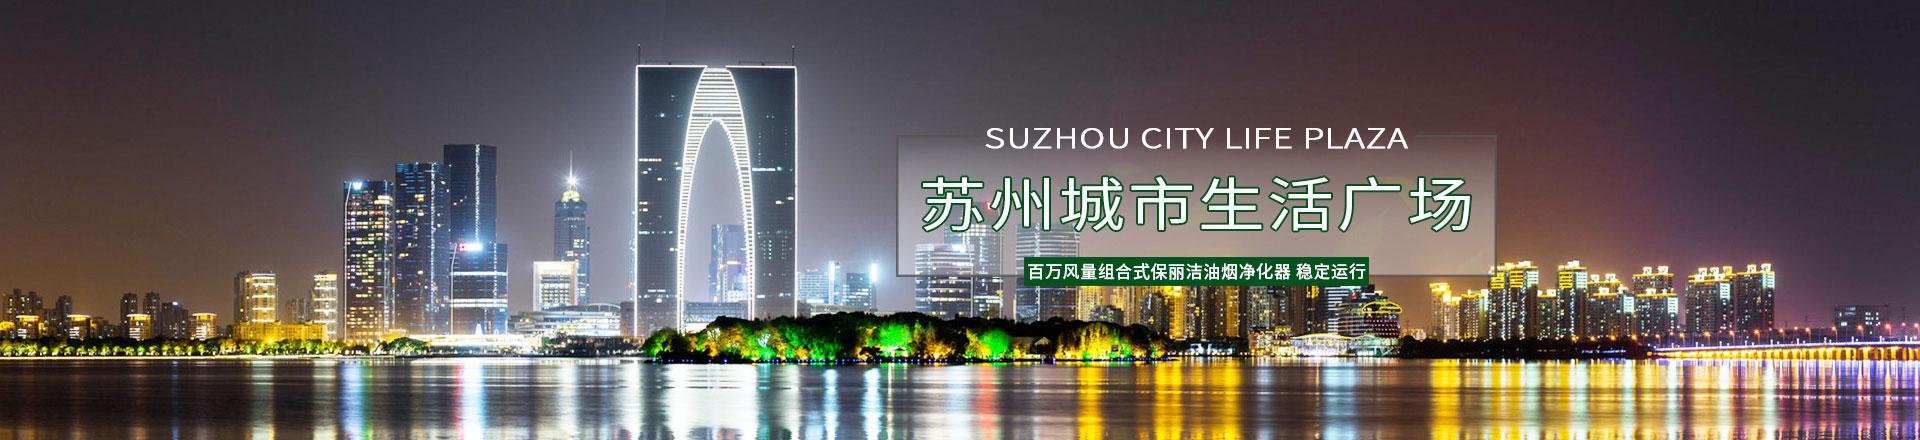 苏州亚游机电设备工程有限公司